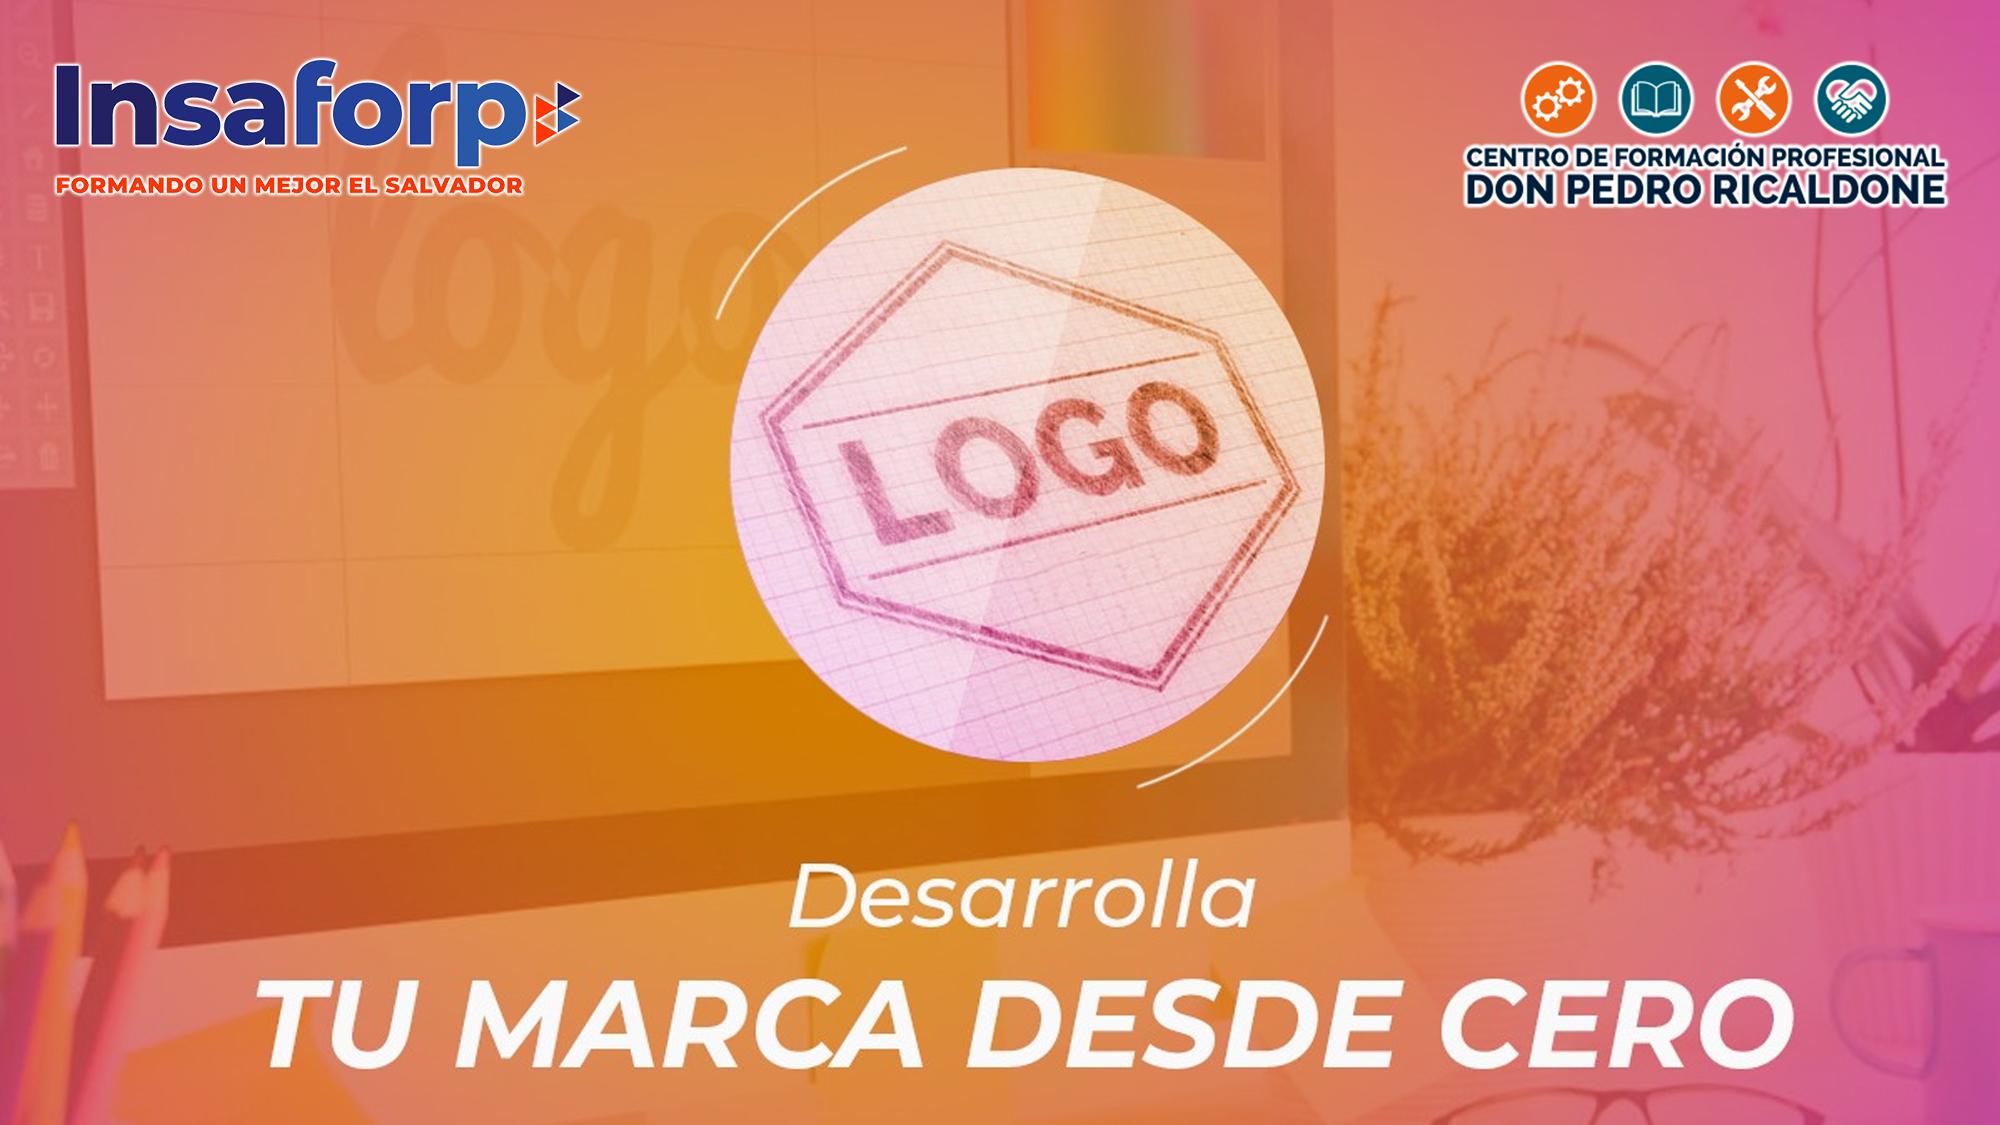 DESARROLLA TU MARCA DESDE CERO - PROESP-ITRO-021